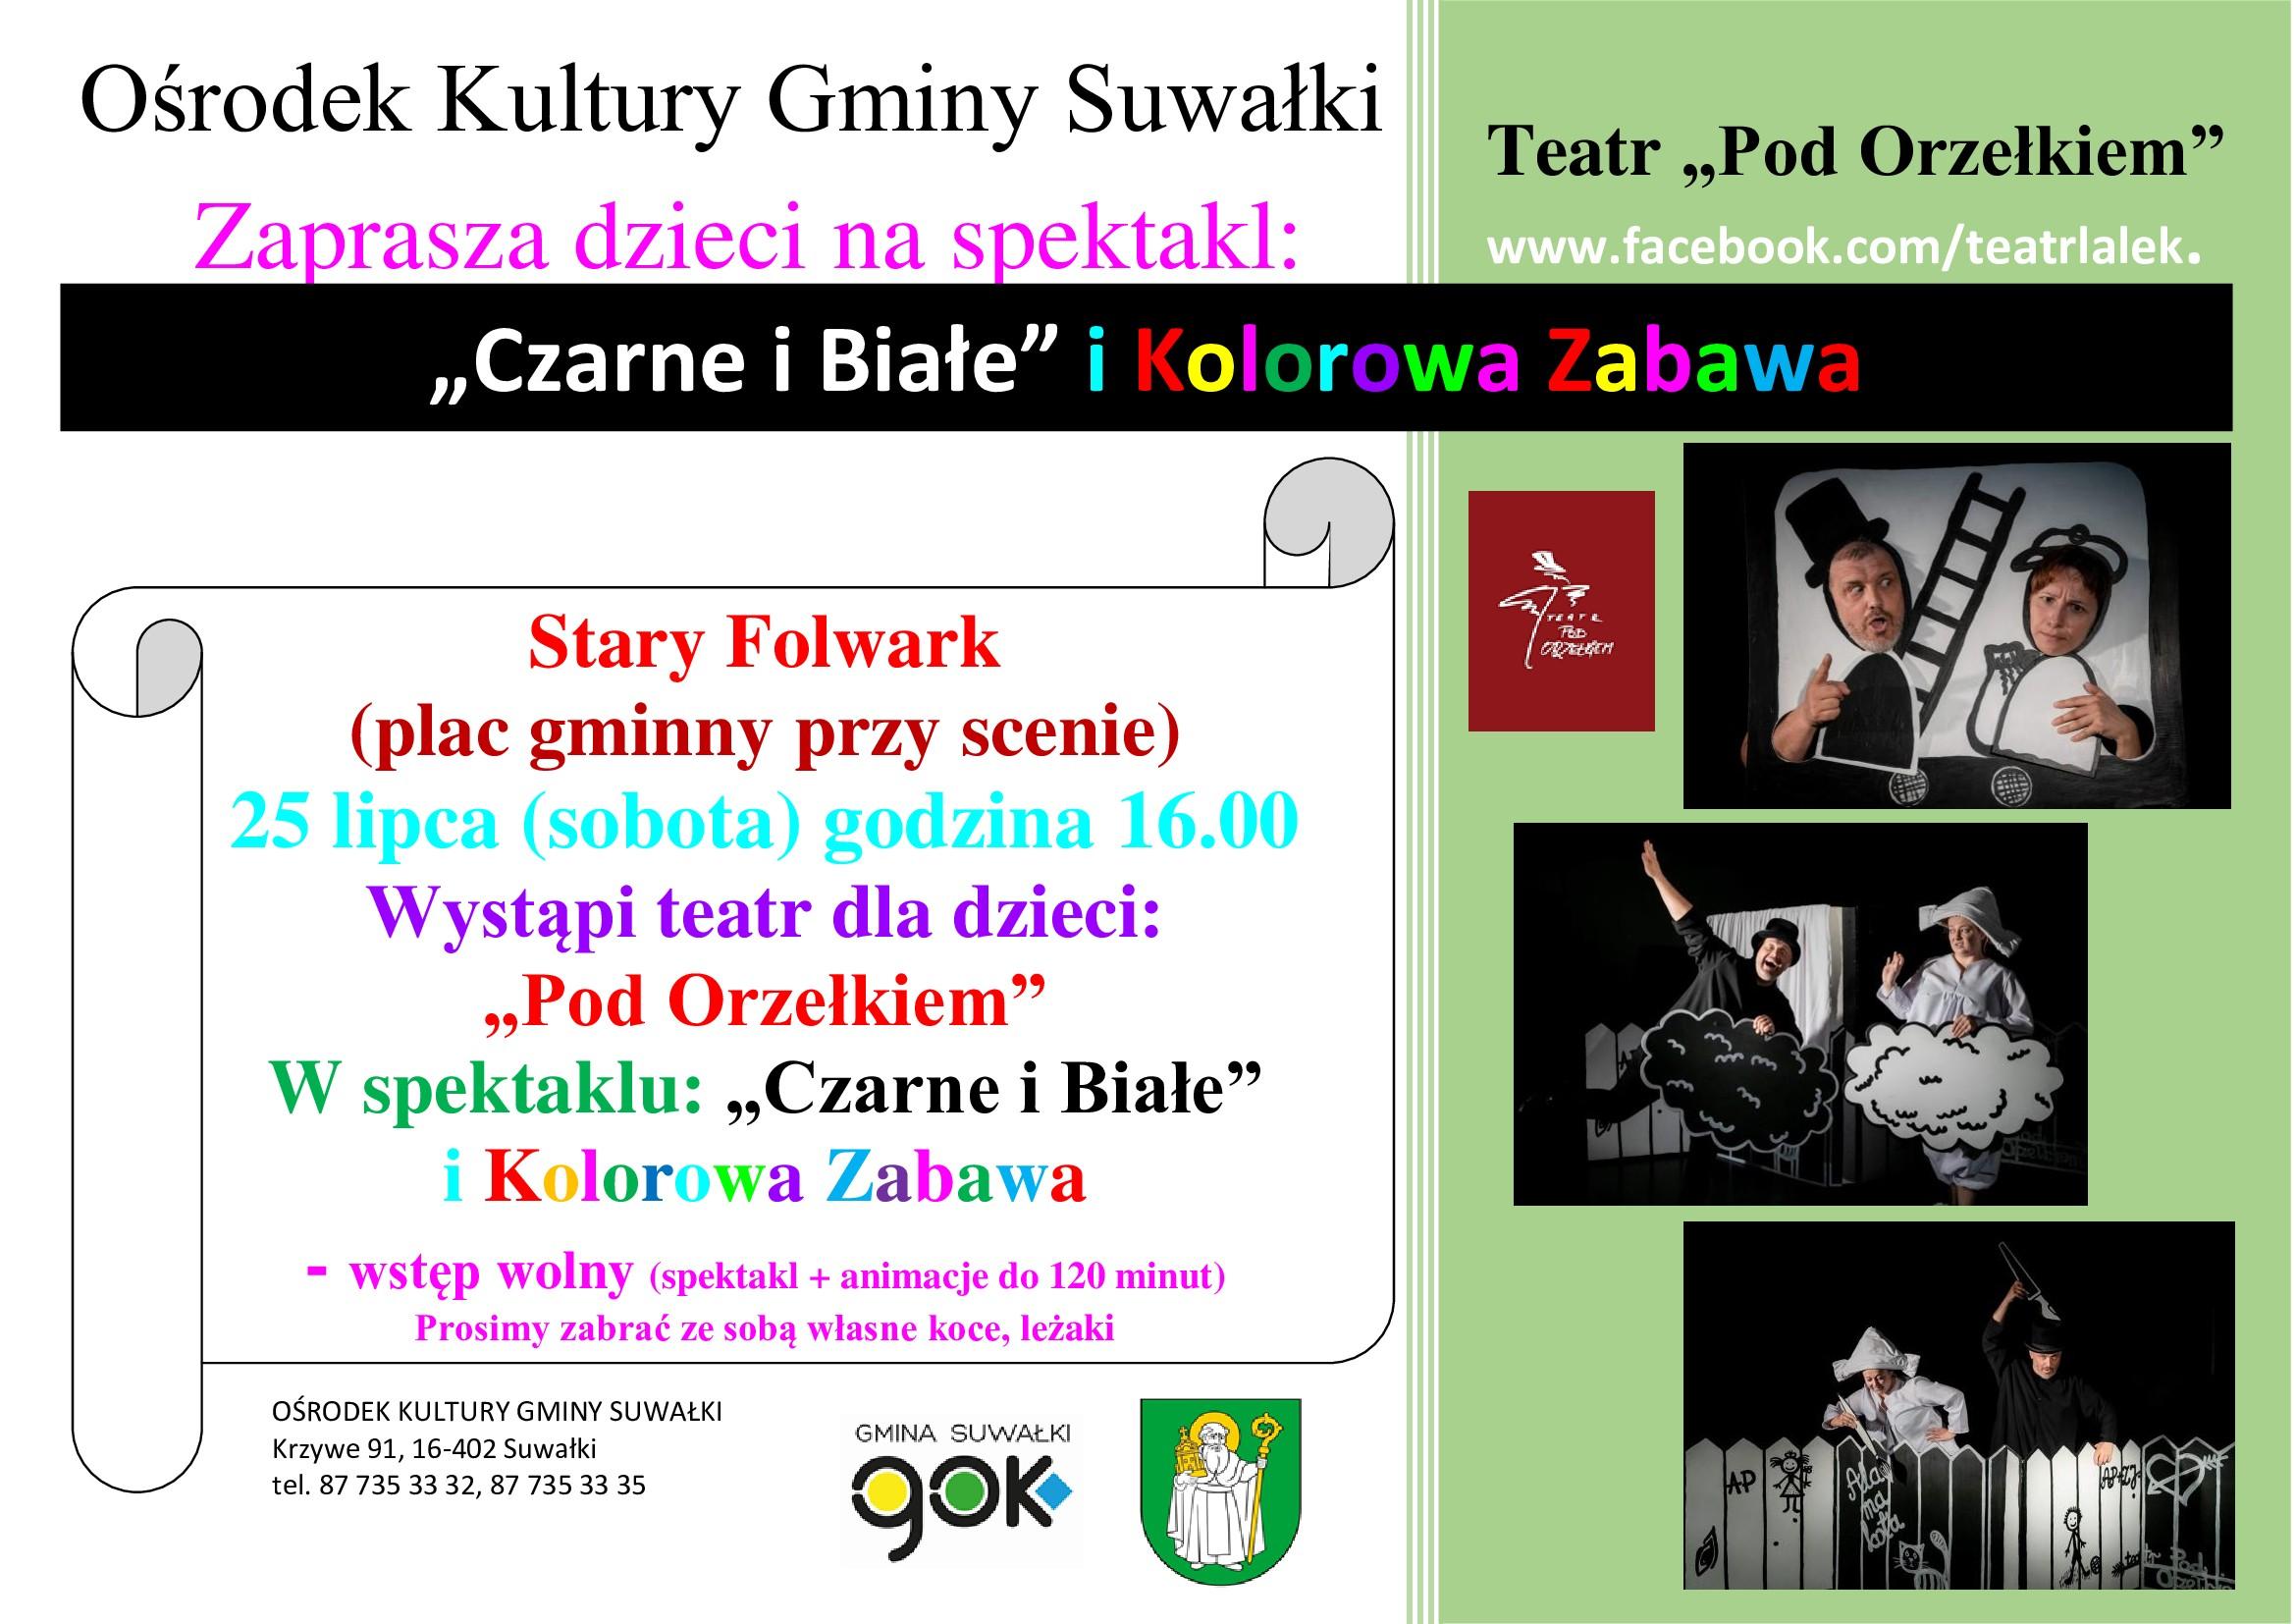 """Spektakl dla dzieci w Starym Folwarku: """"Czarne i Białe"""" i Kolorowa Zabawa"""